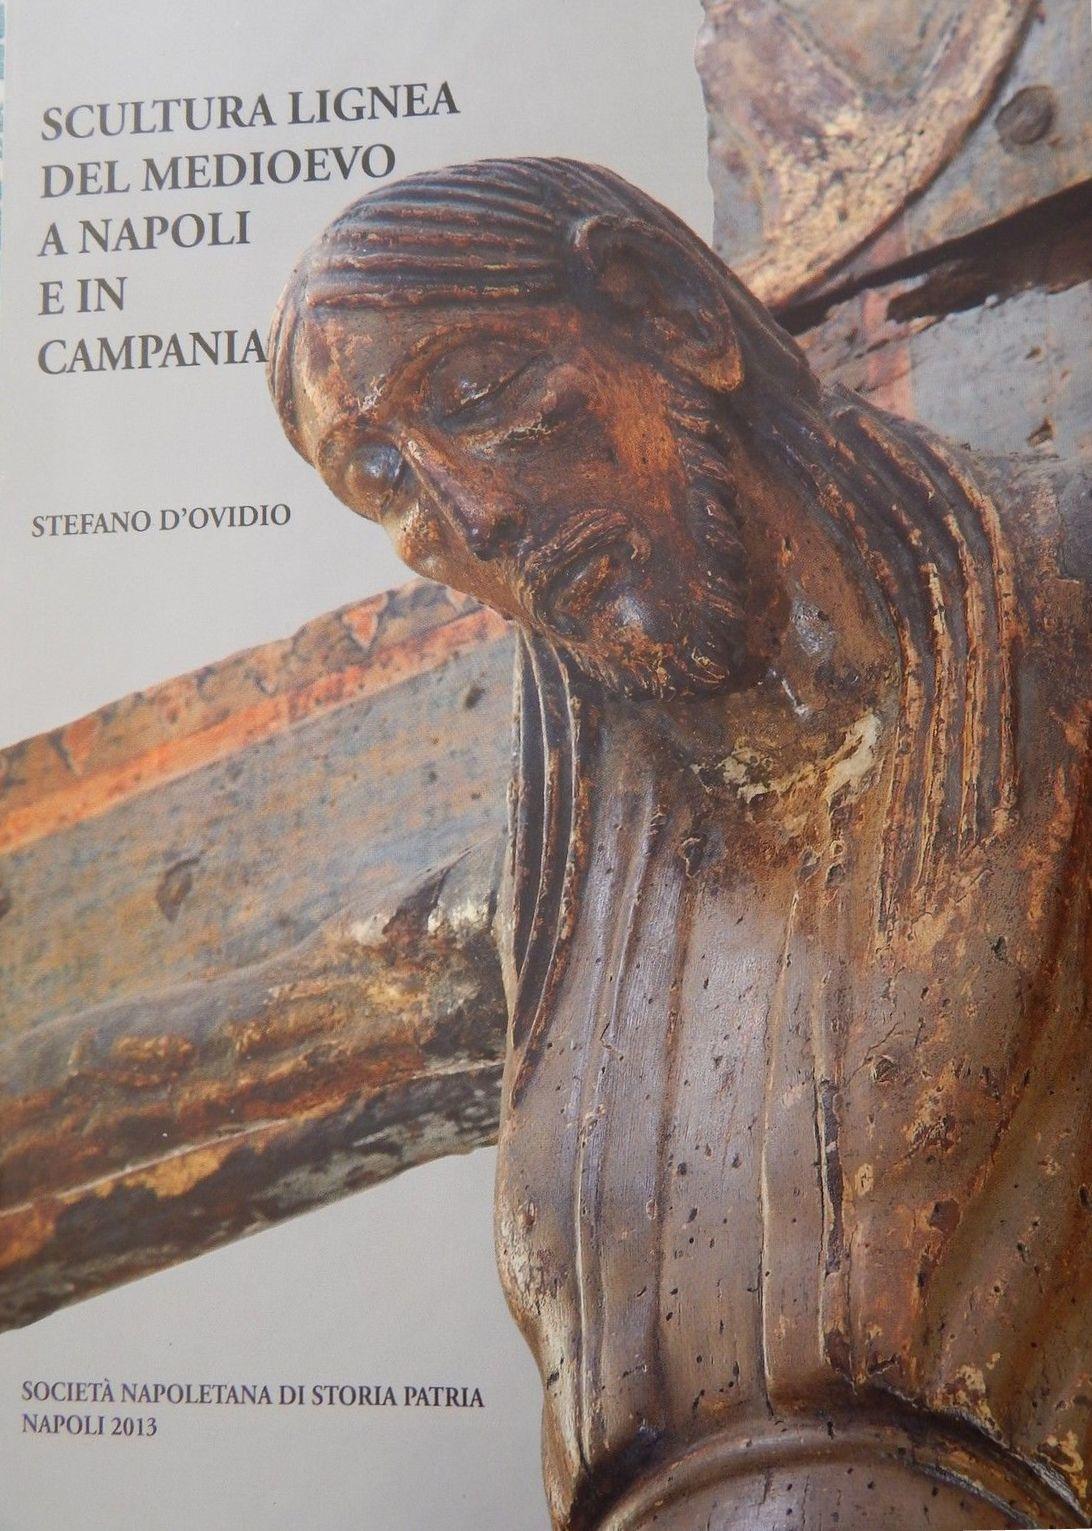 Scultura lignea del Medioevo a Napoli e in Campania